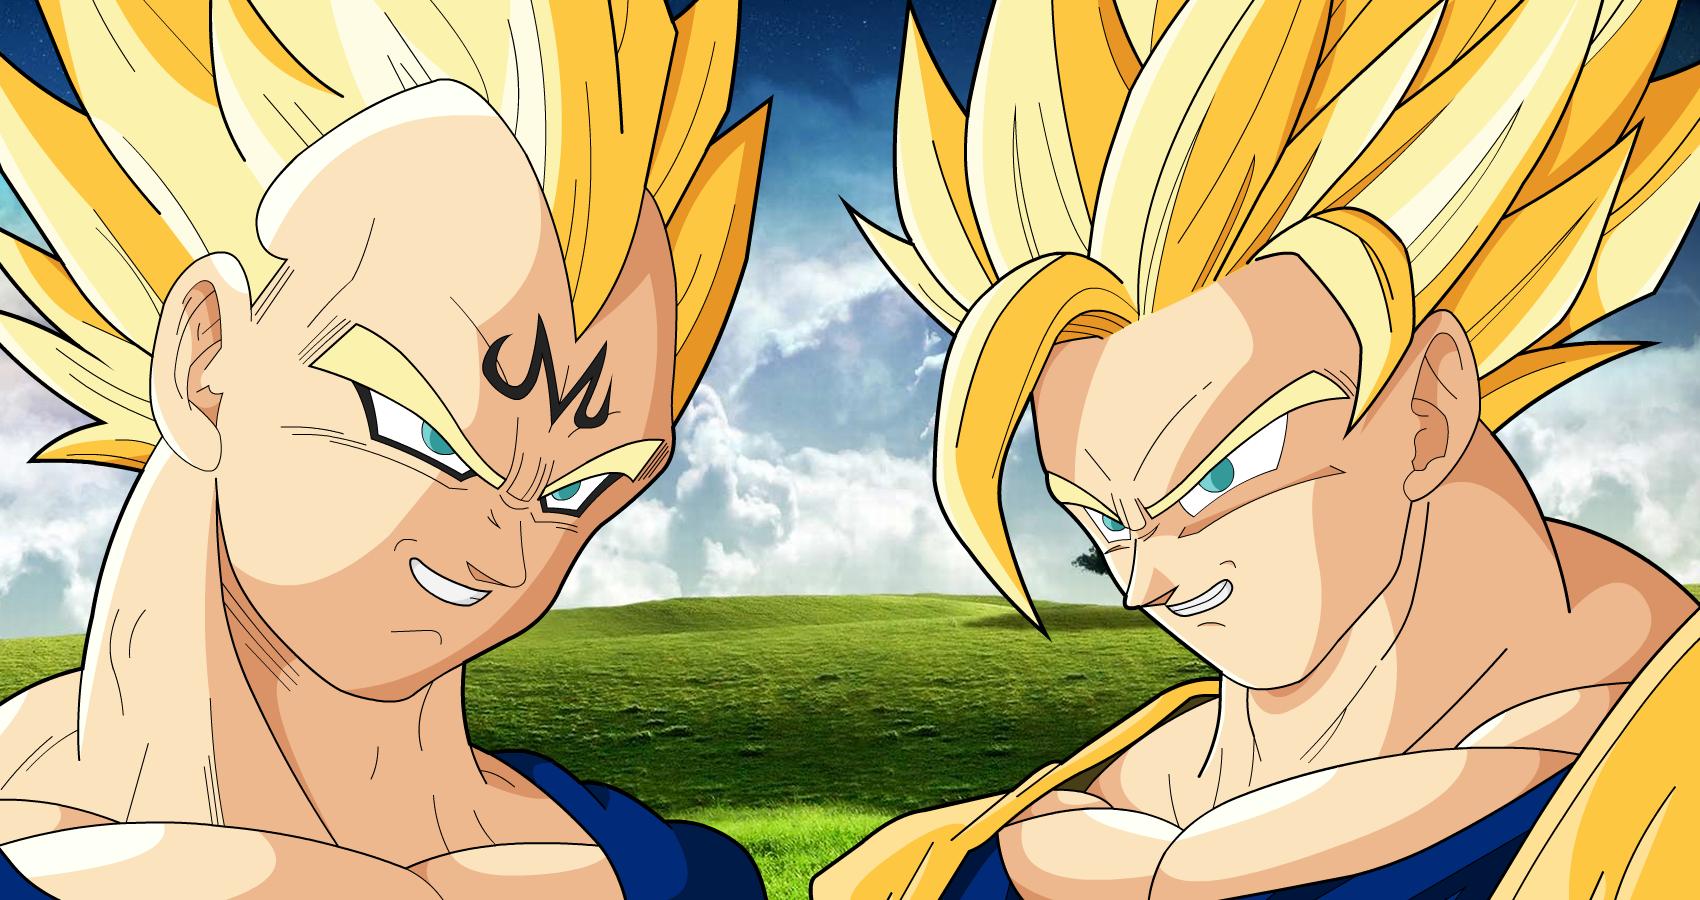 Images of Goku Ssj2 Vs Majin Vegeta - #rock-cafe